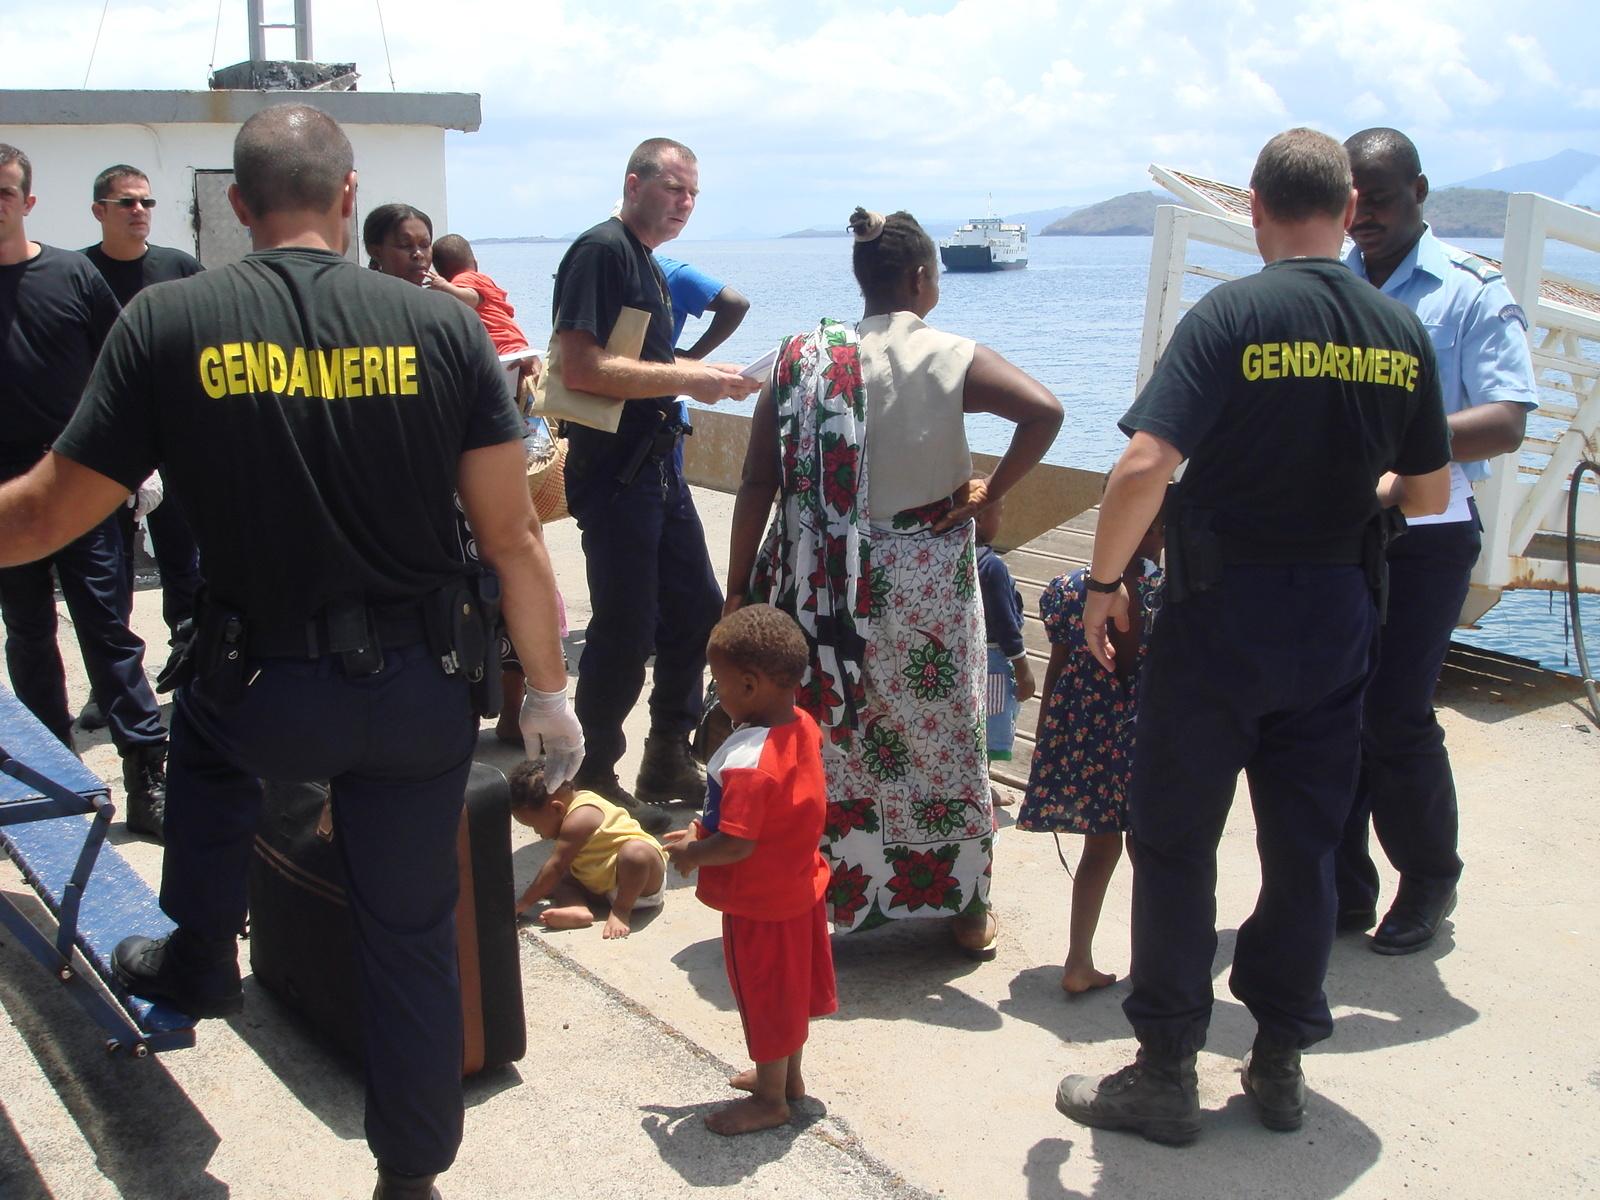 Mayotte : un consensus entre les Comores et la France sur les reconduites à Anjouan a été trouvé